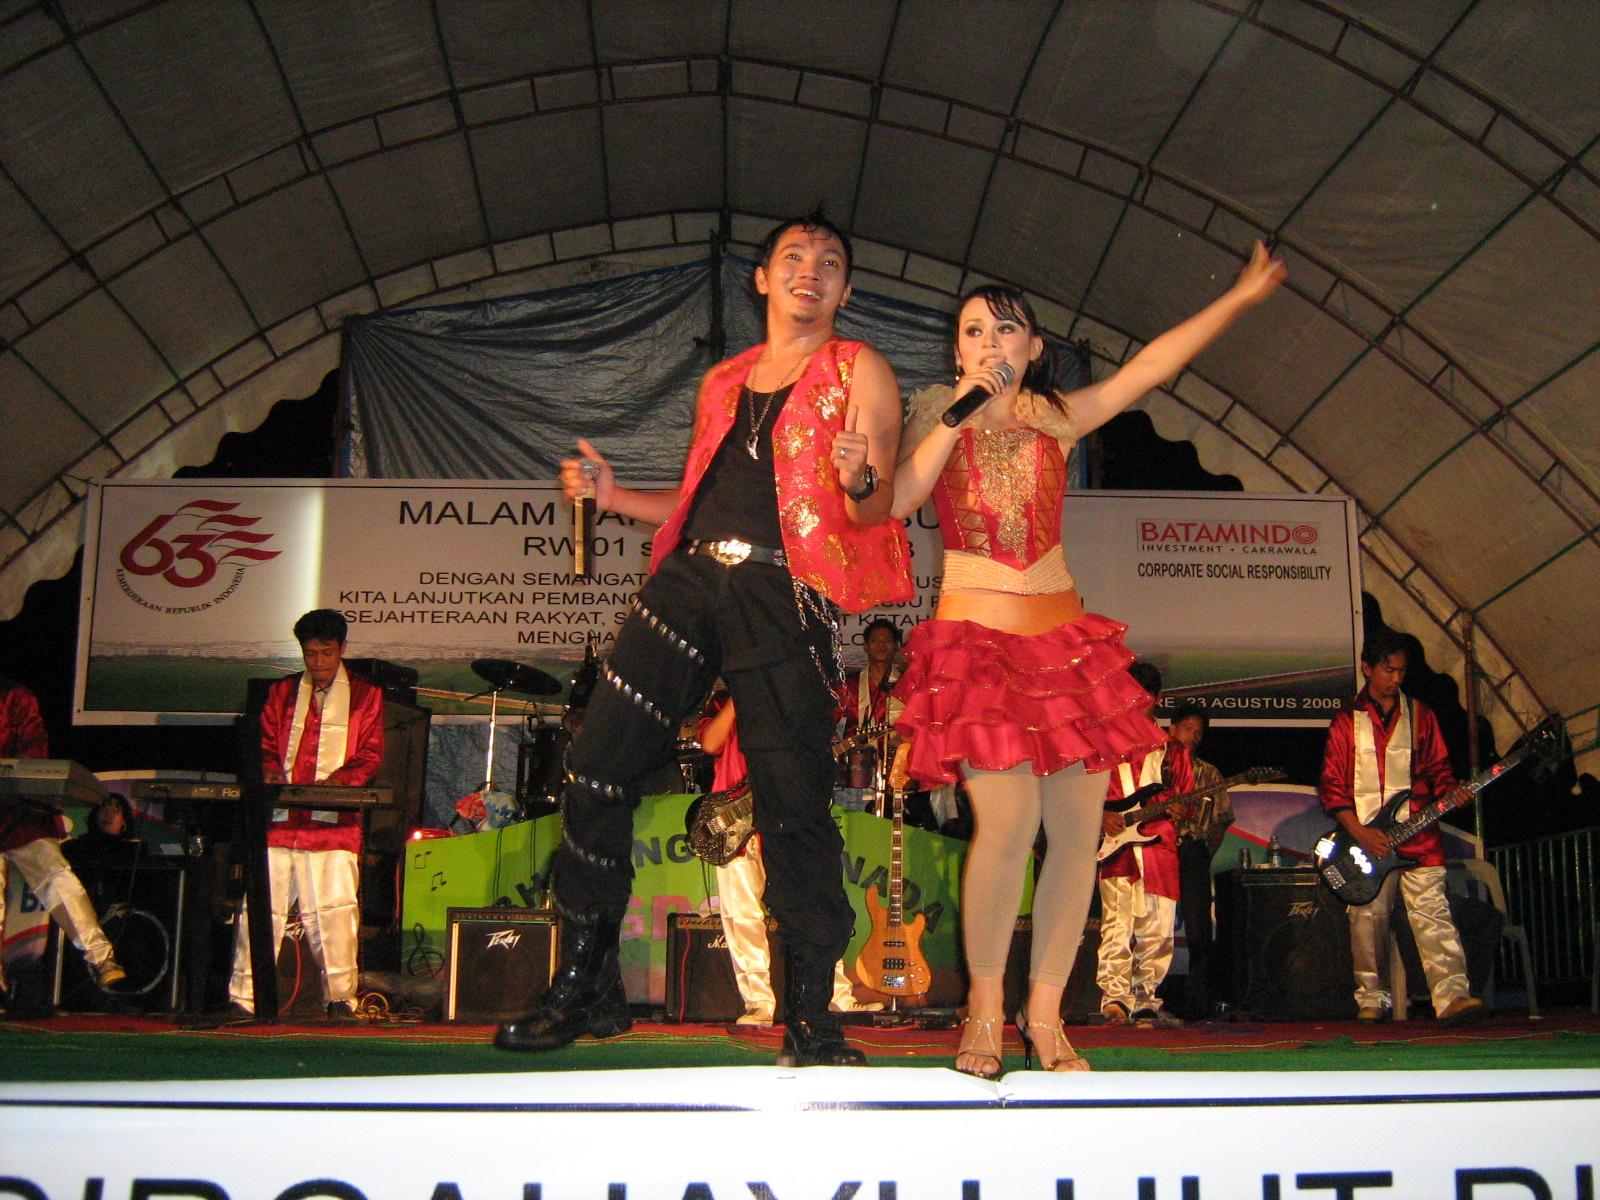 putra piliang ~ musik dangdut bukan dari india atau malaysia ~ naldi putra